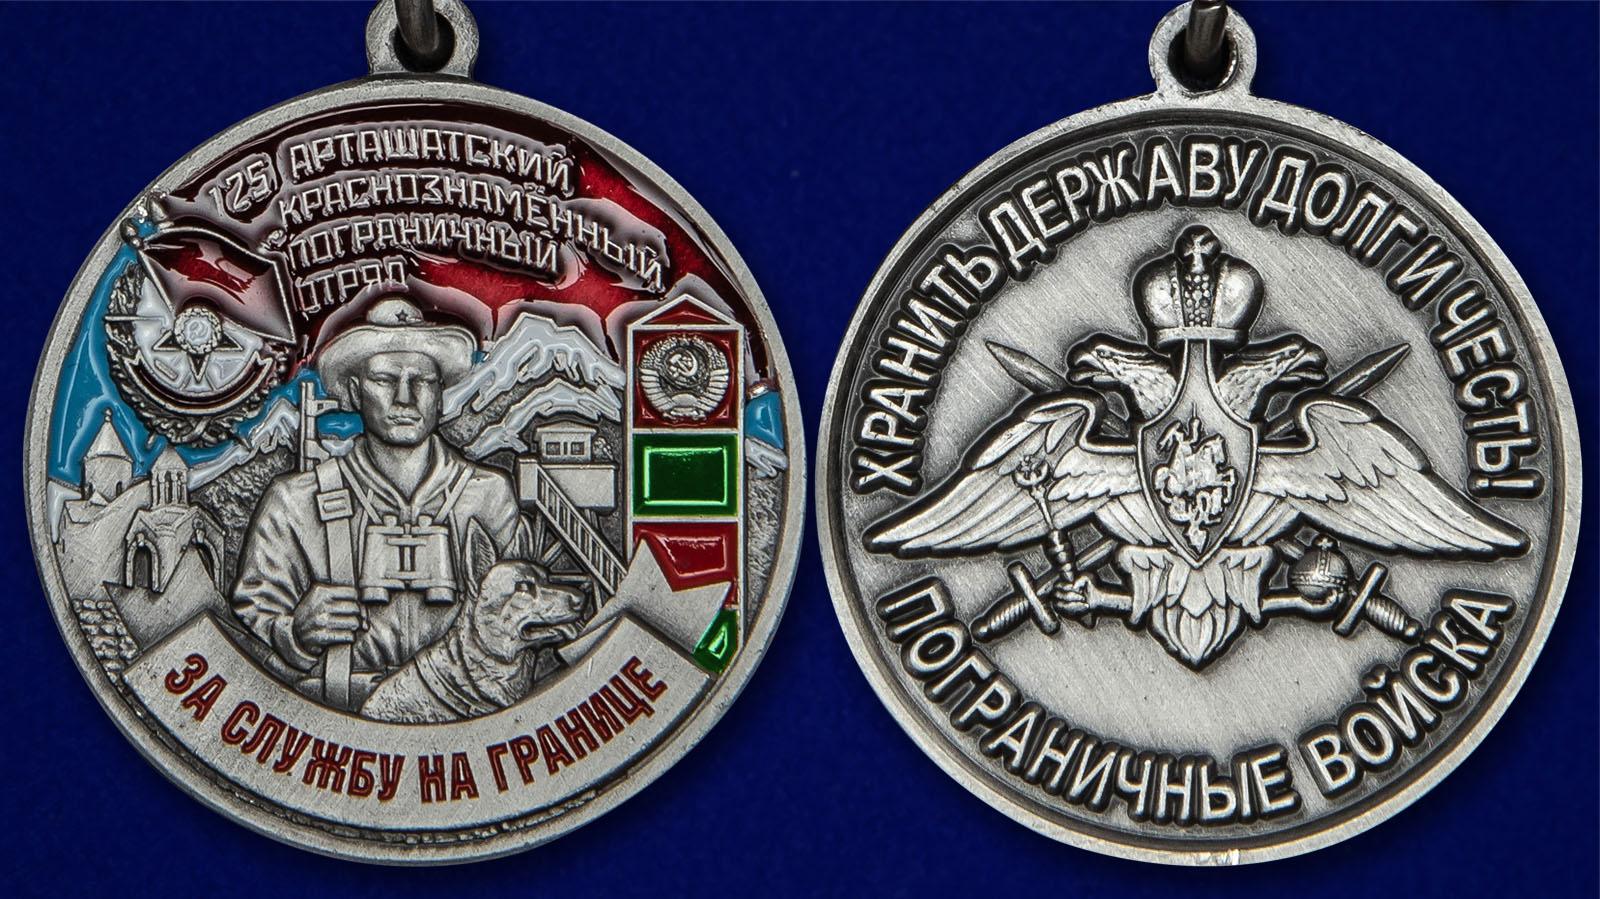 Нагрудная медаль За службу в Арташатском пограничном отряде - аверс и реверс